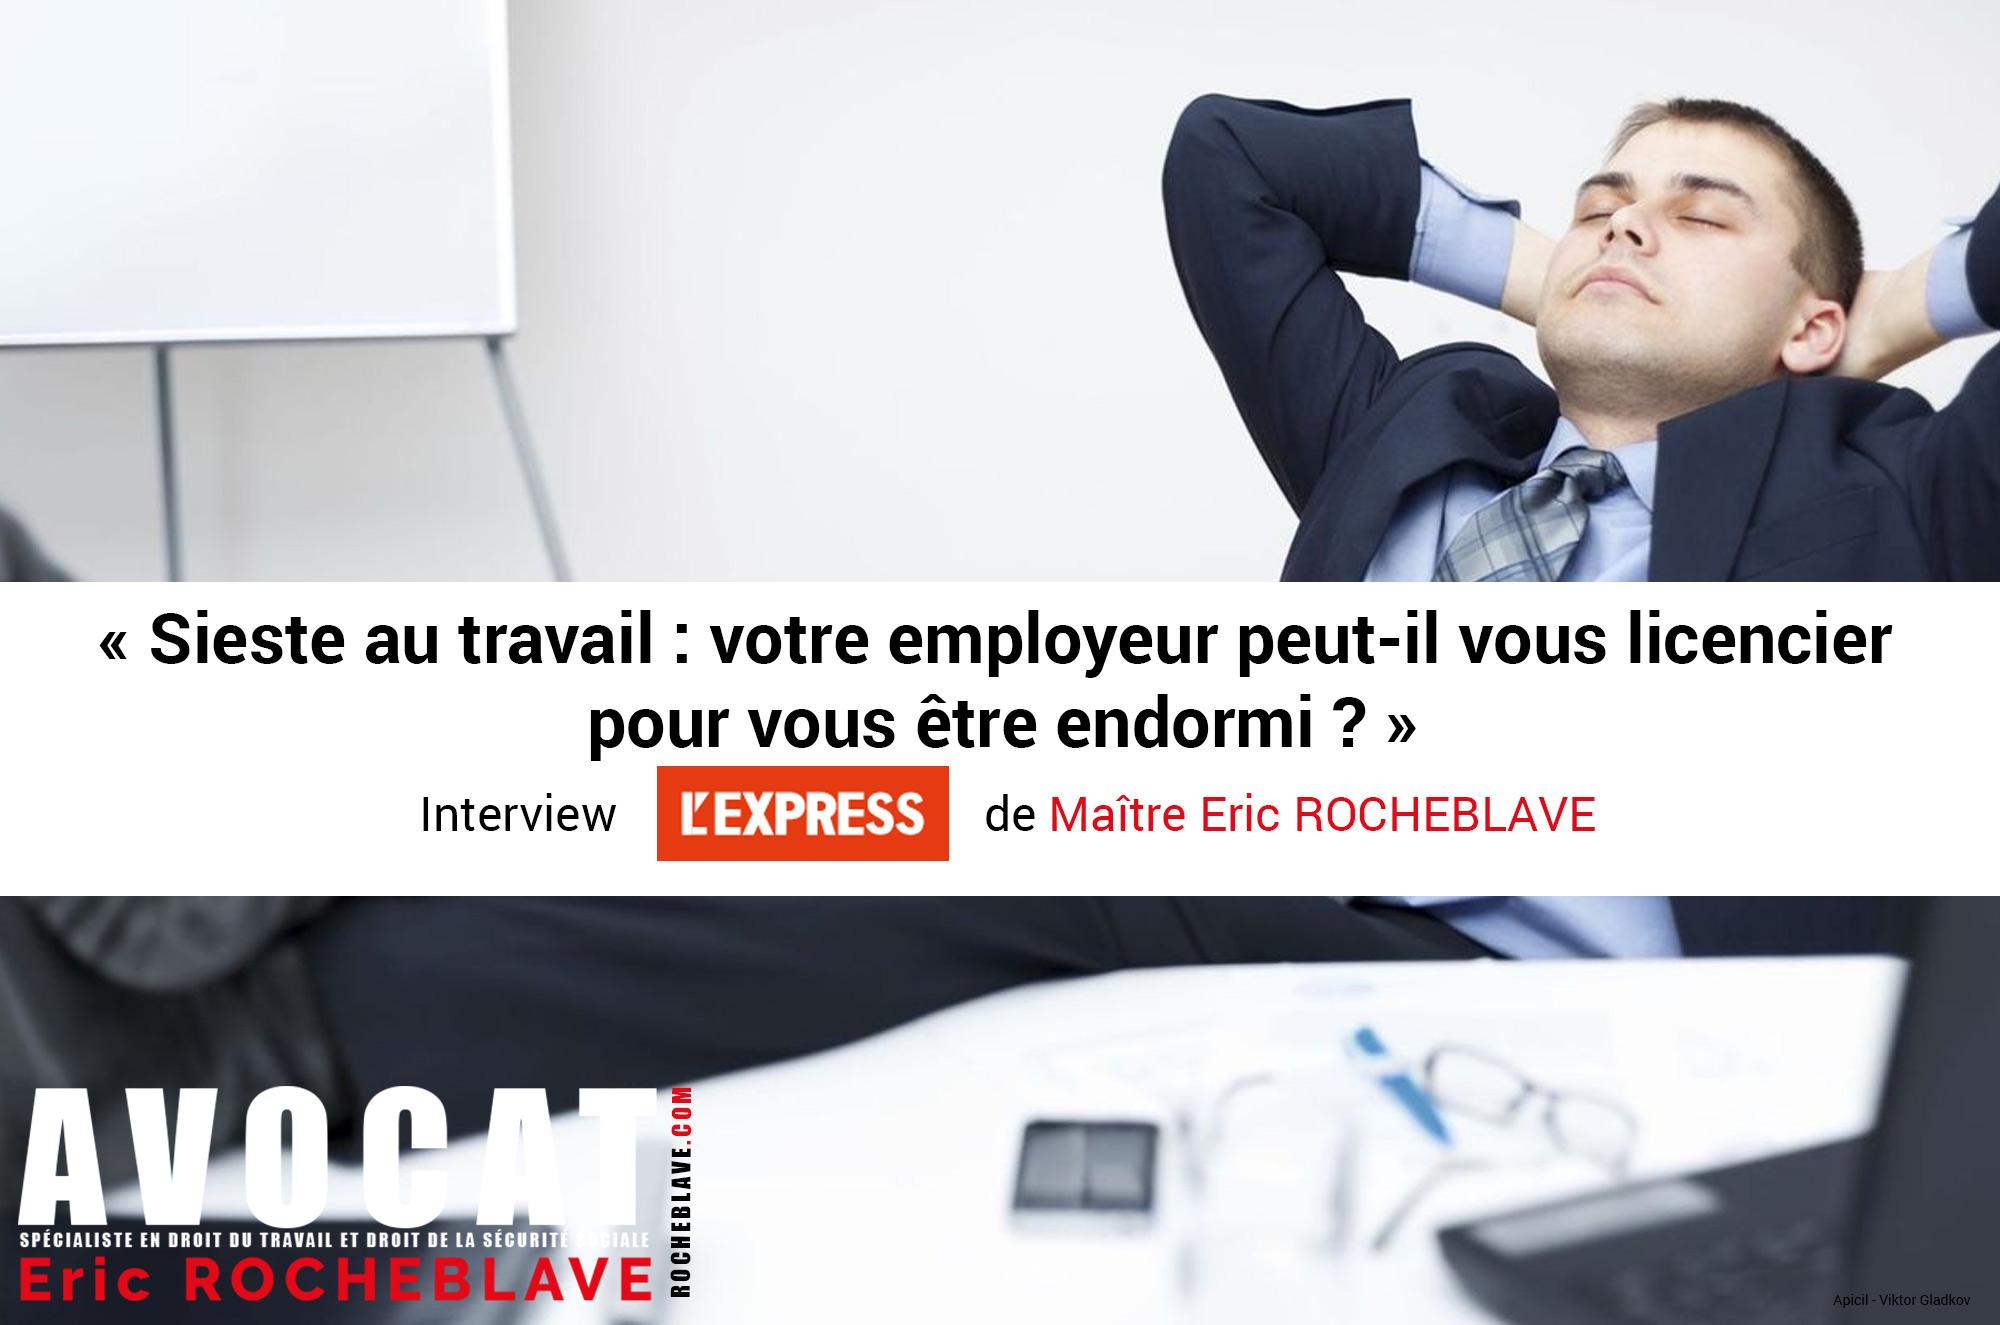 « Sieste au travail : votre employeur peut-il vous licencier  pour vous être endormi ? »  Interview L'EXPRESS de Maître Eric ROCHEBLAVE